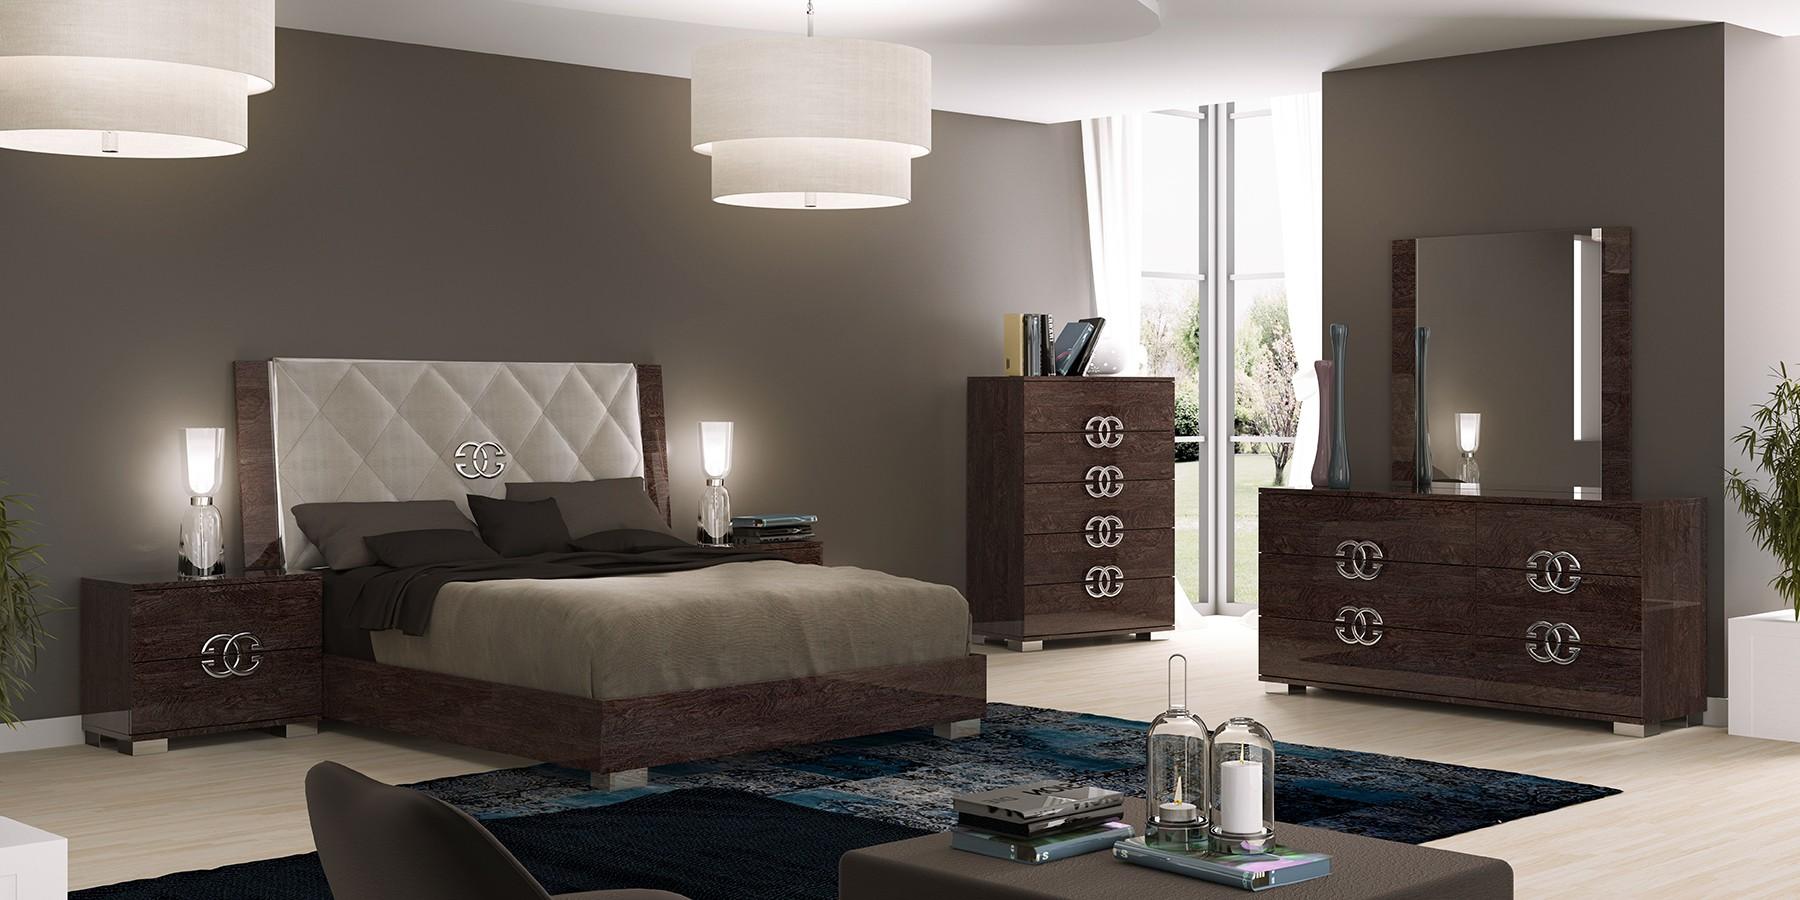 Bedroom Set Consists Of